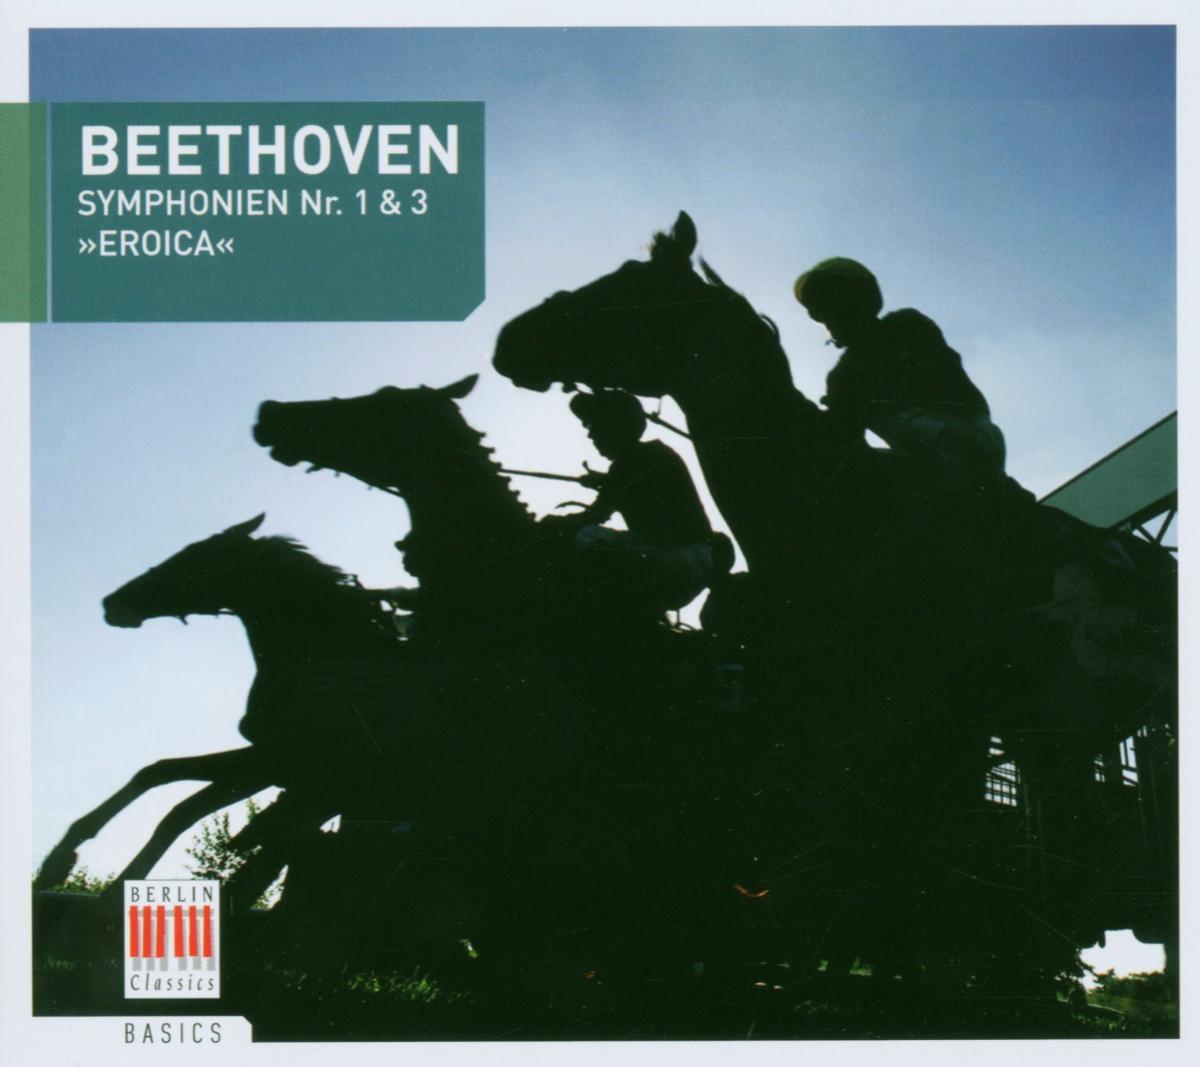 Sinfonien 1 c-dur op.21 & Nr. 3 es-dur op.55